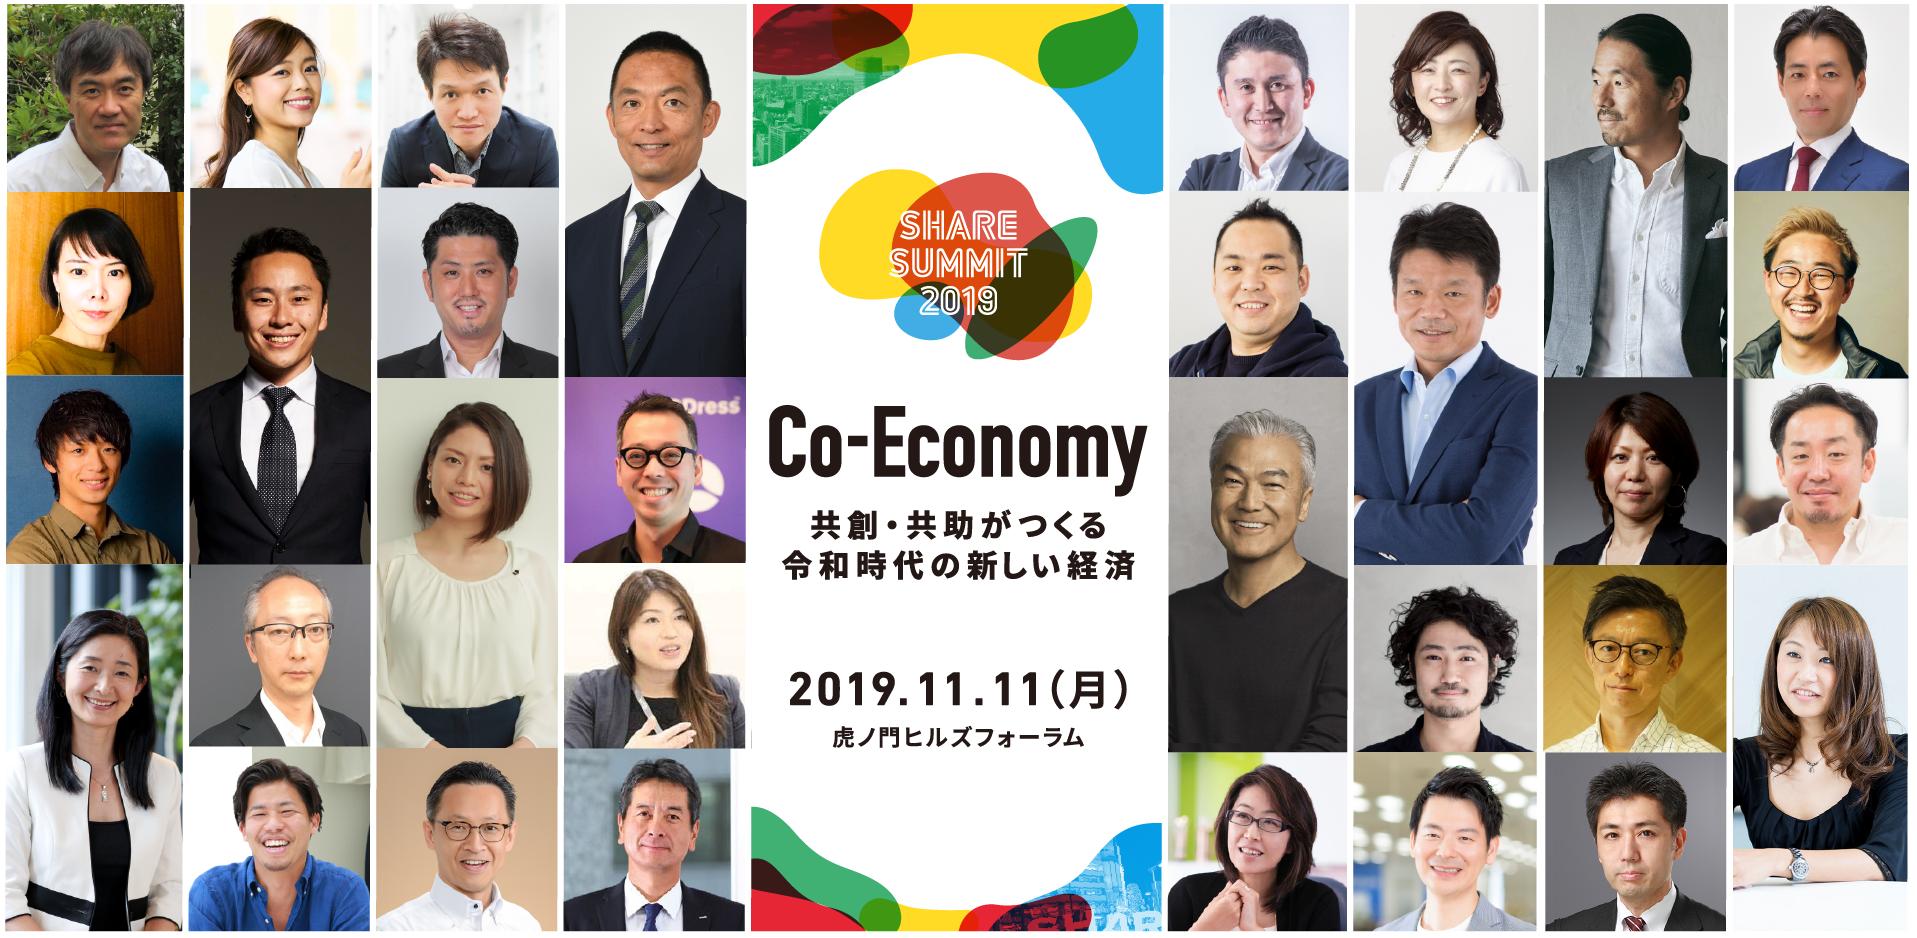 日本最大のシェアの祭典 SHARE SUMMIT 2019、早割完売の御礼を込めて、お得なラストミニッツチケットの販売を開始!